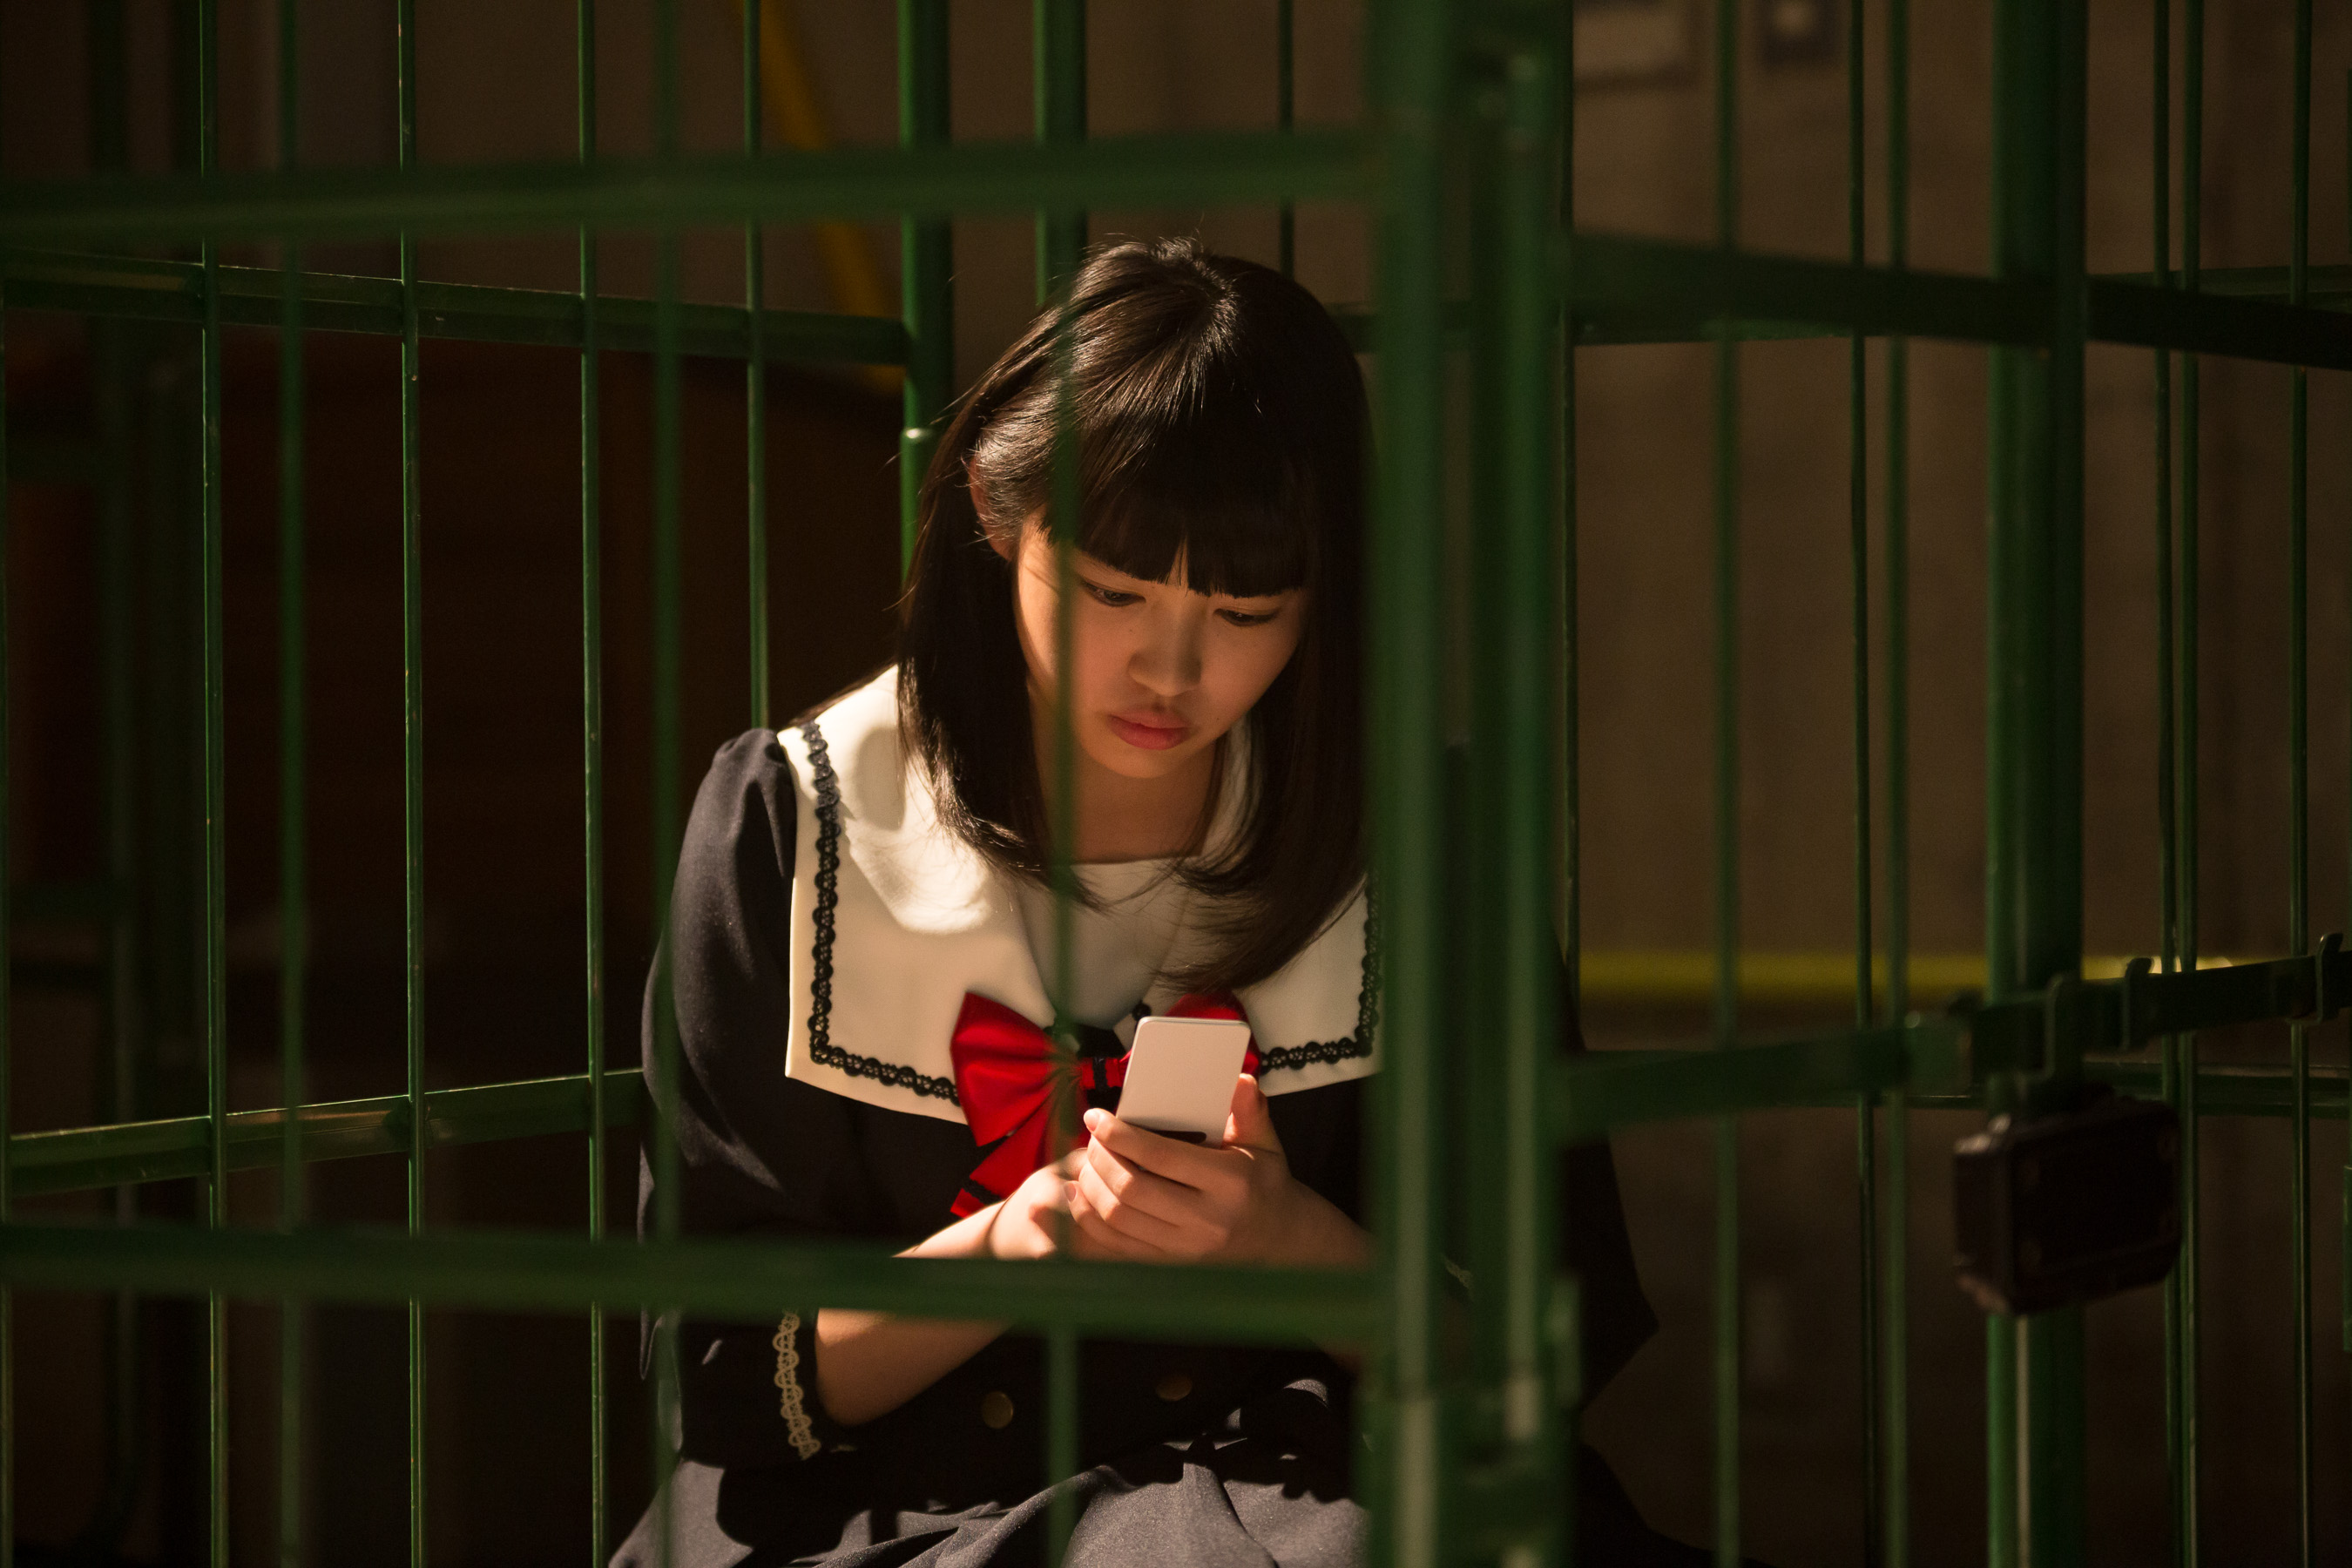 3.目覚めたら檻の中。手には携帯電話。